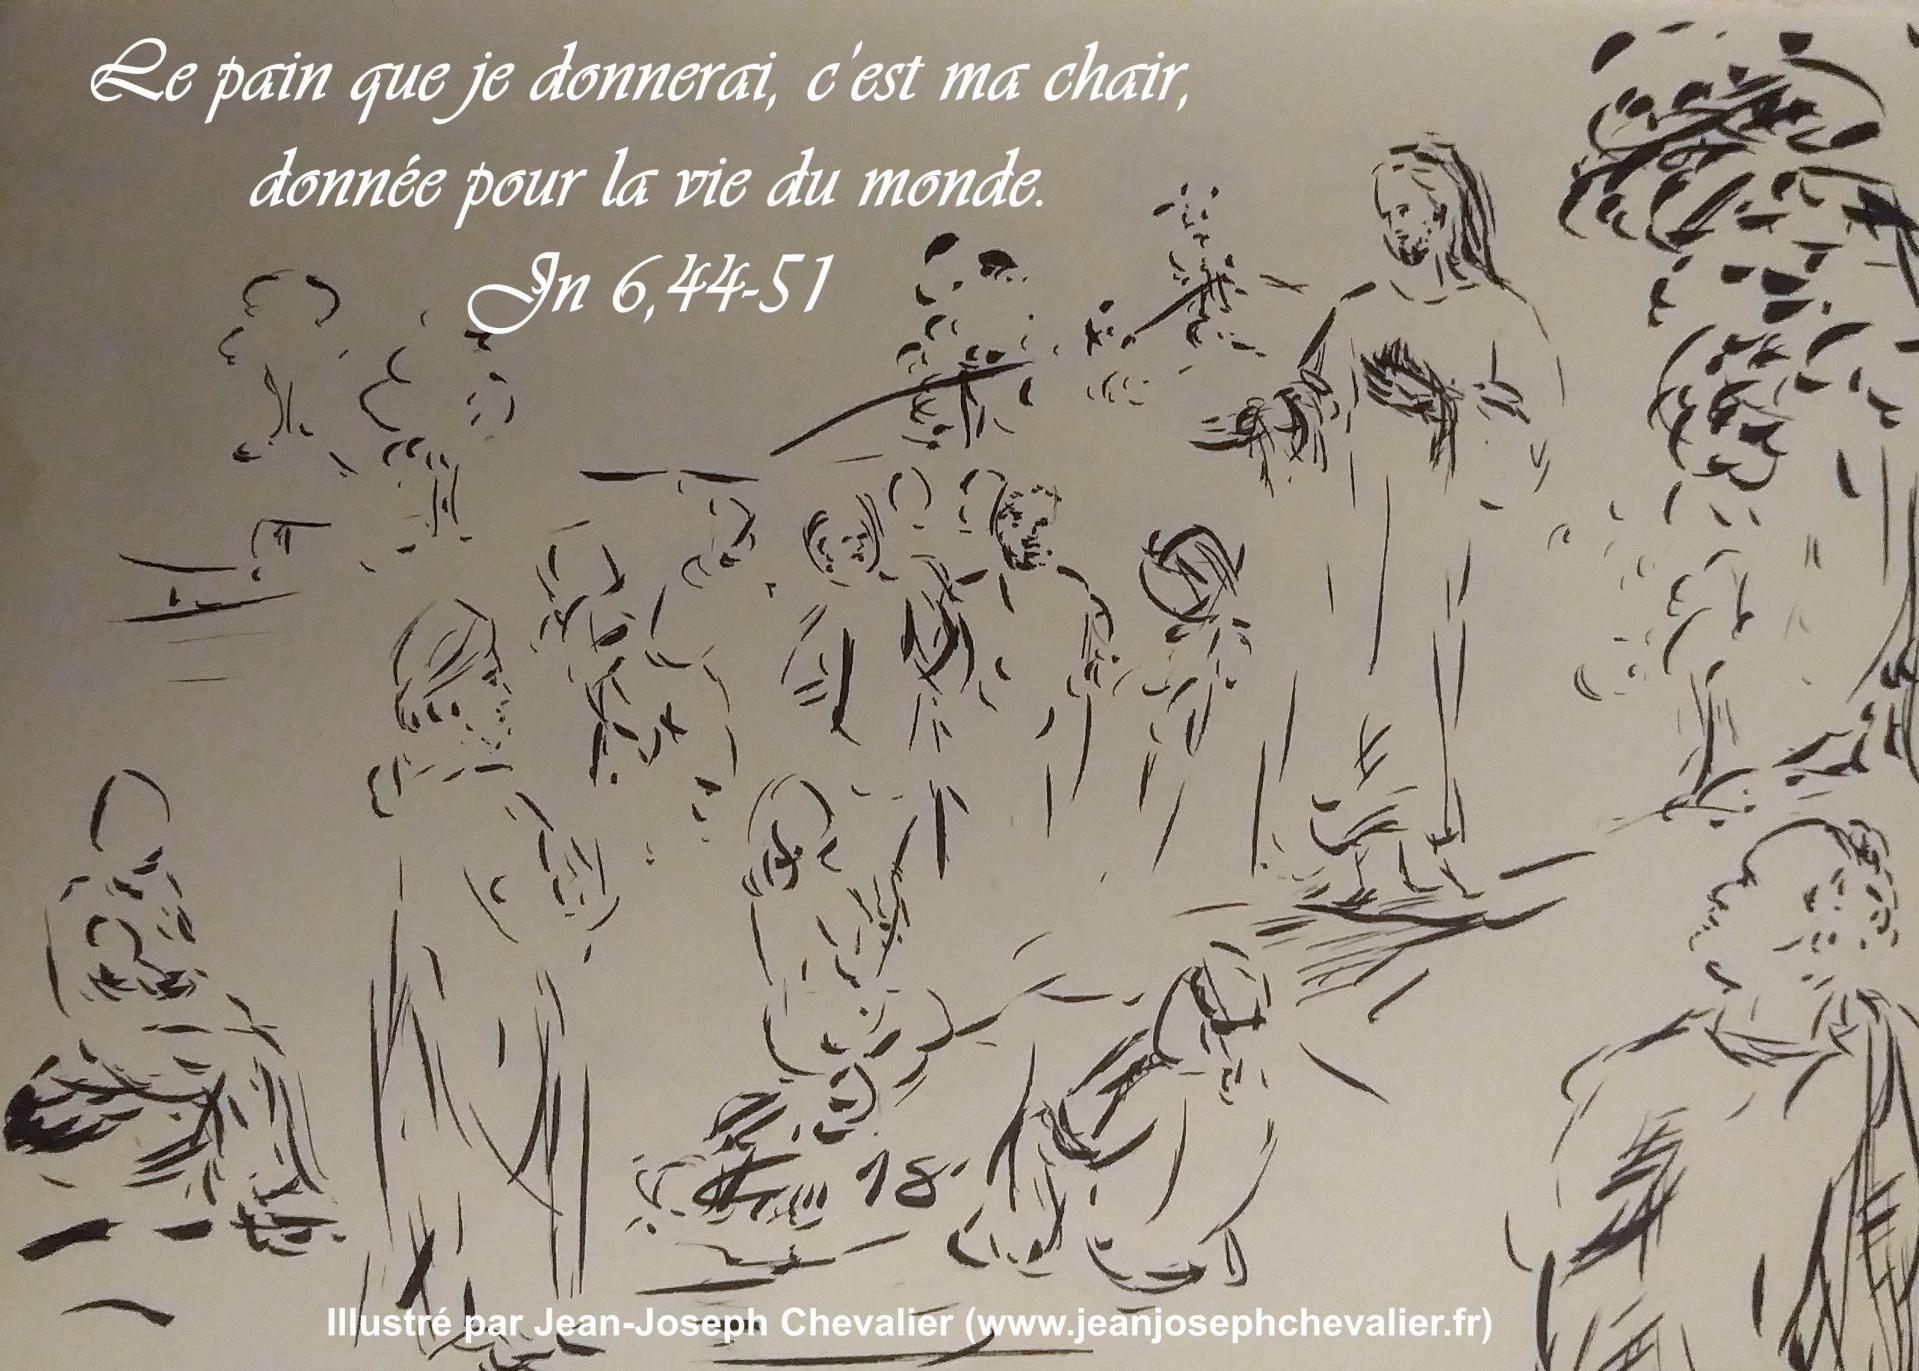 19 avril 2018 evangile du jour illustre par un dessin au lavis de jean joseph chevalier image